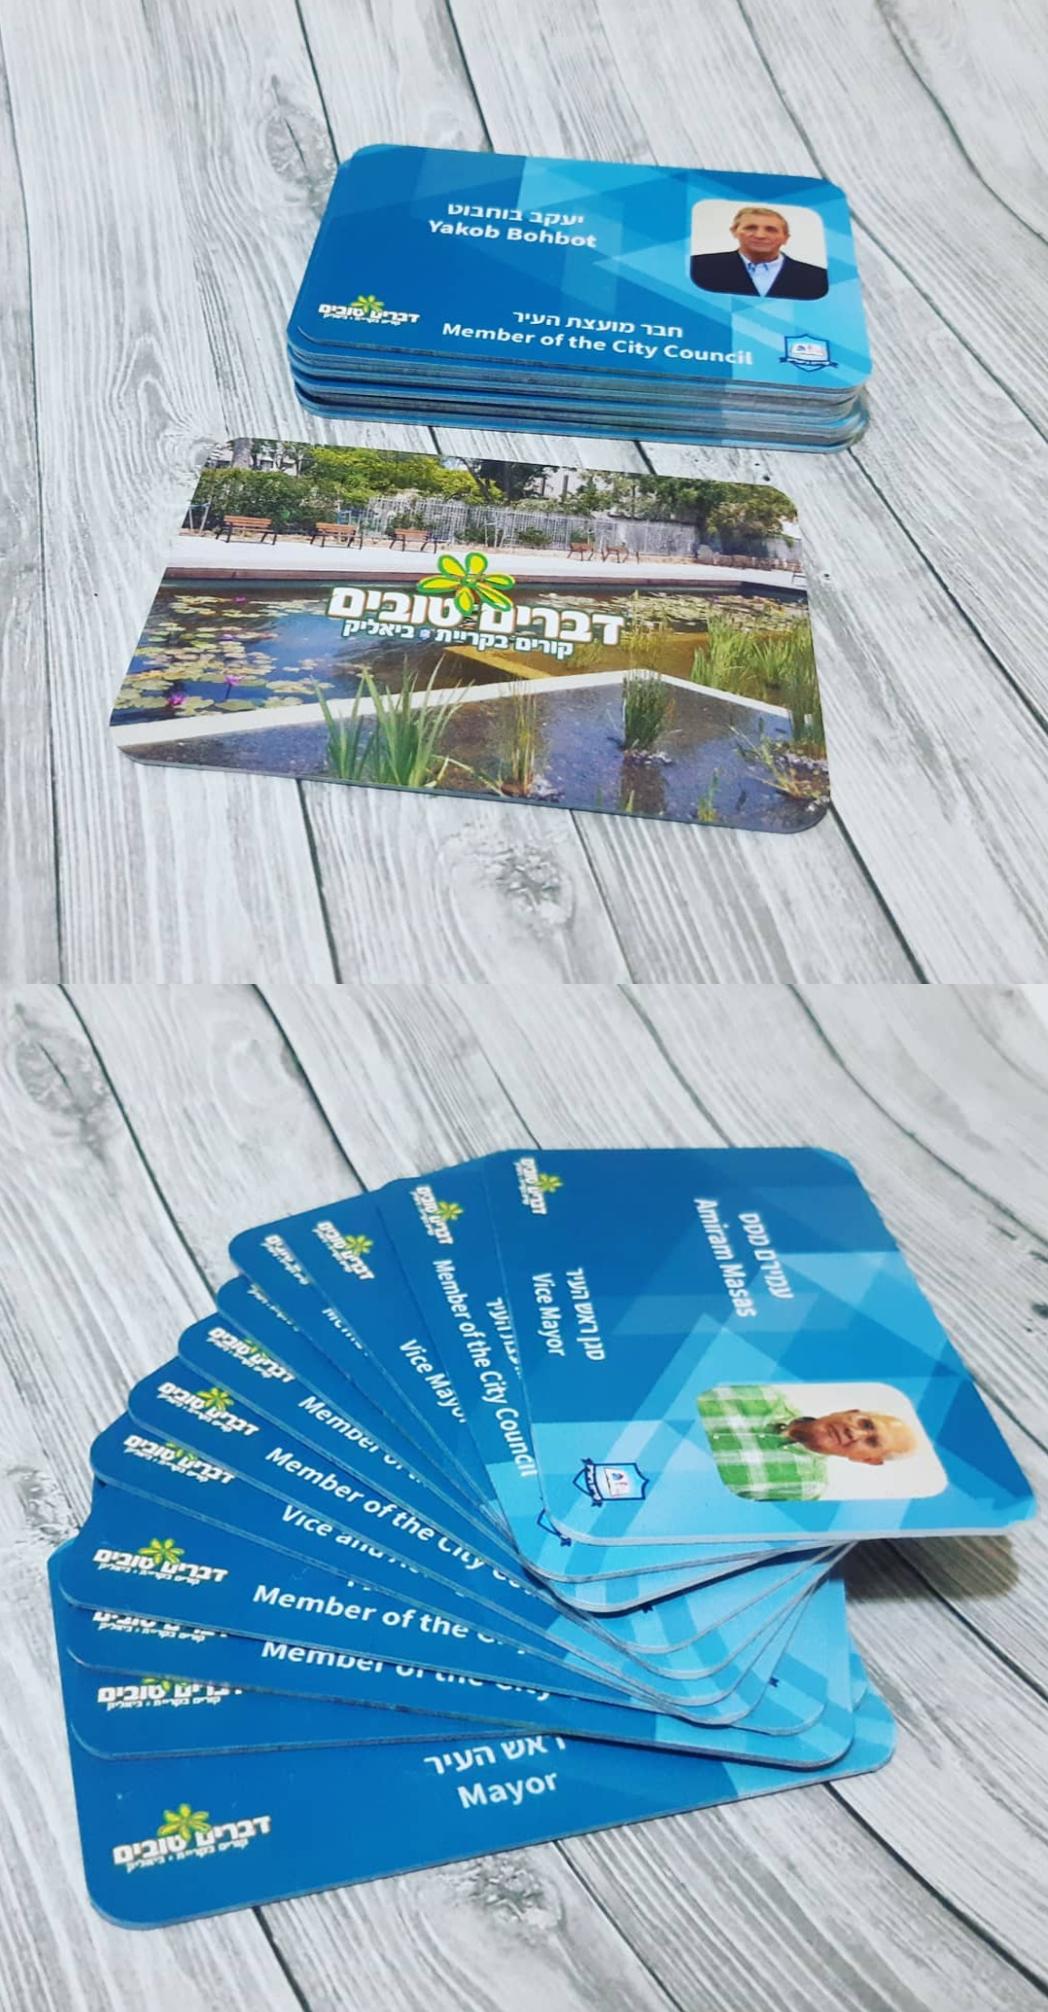 עיצוב והדפסת כרטיסי פלסטיק אישיים עבור חברי מועצת העירייה של קריית ביאליק